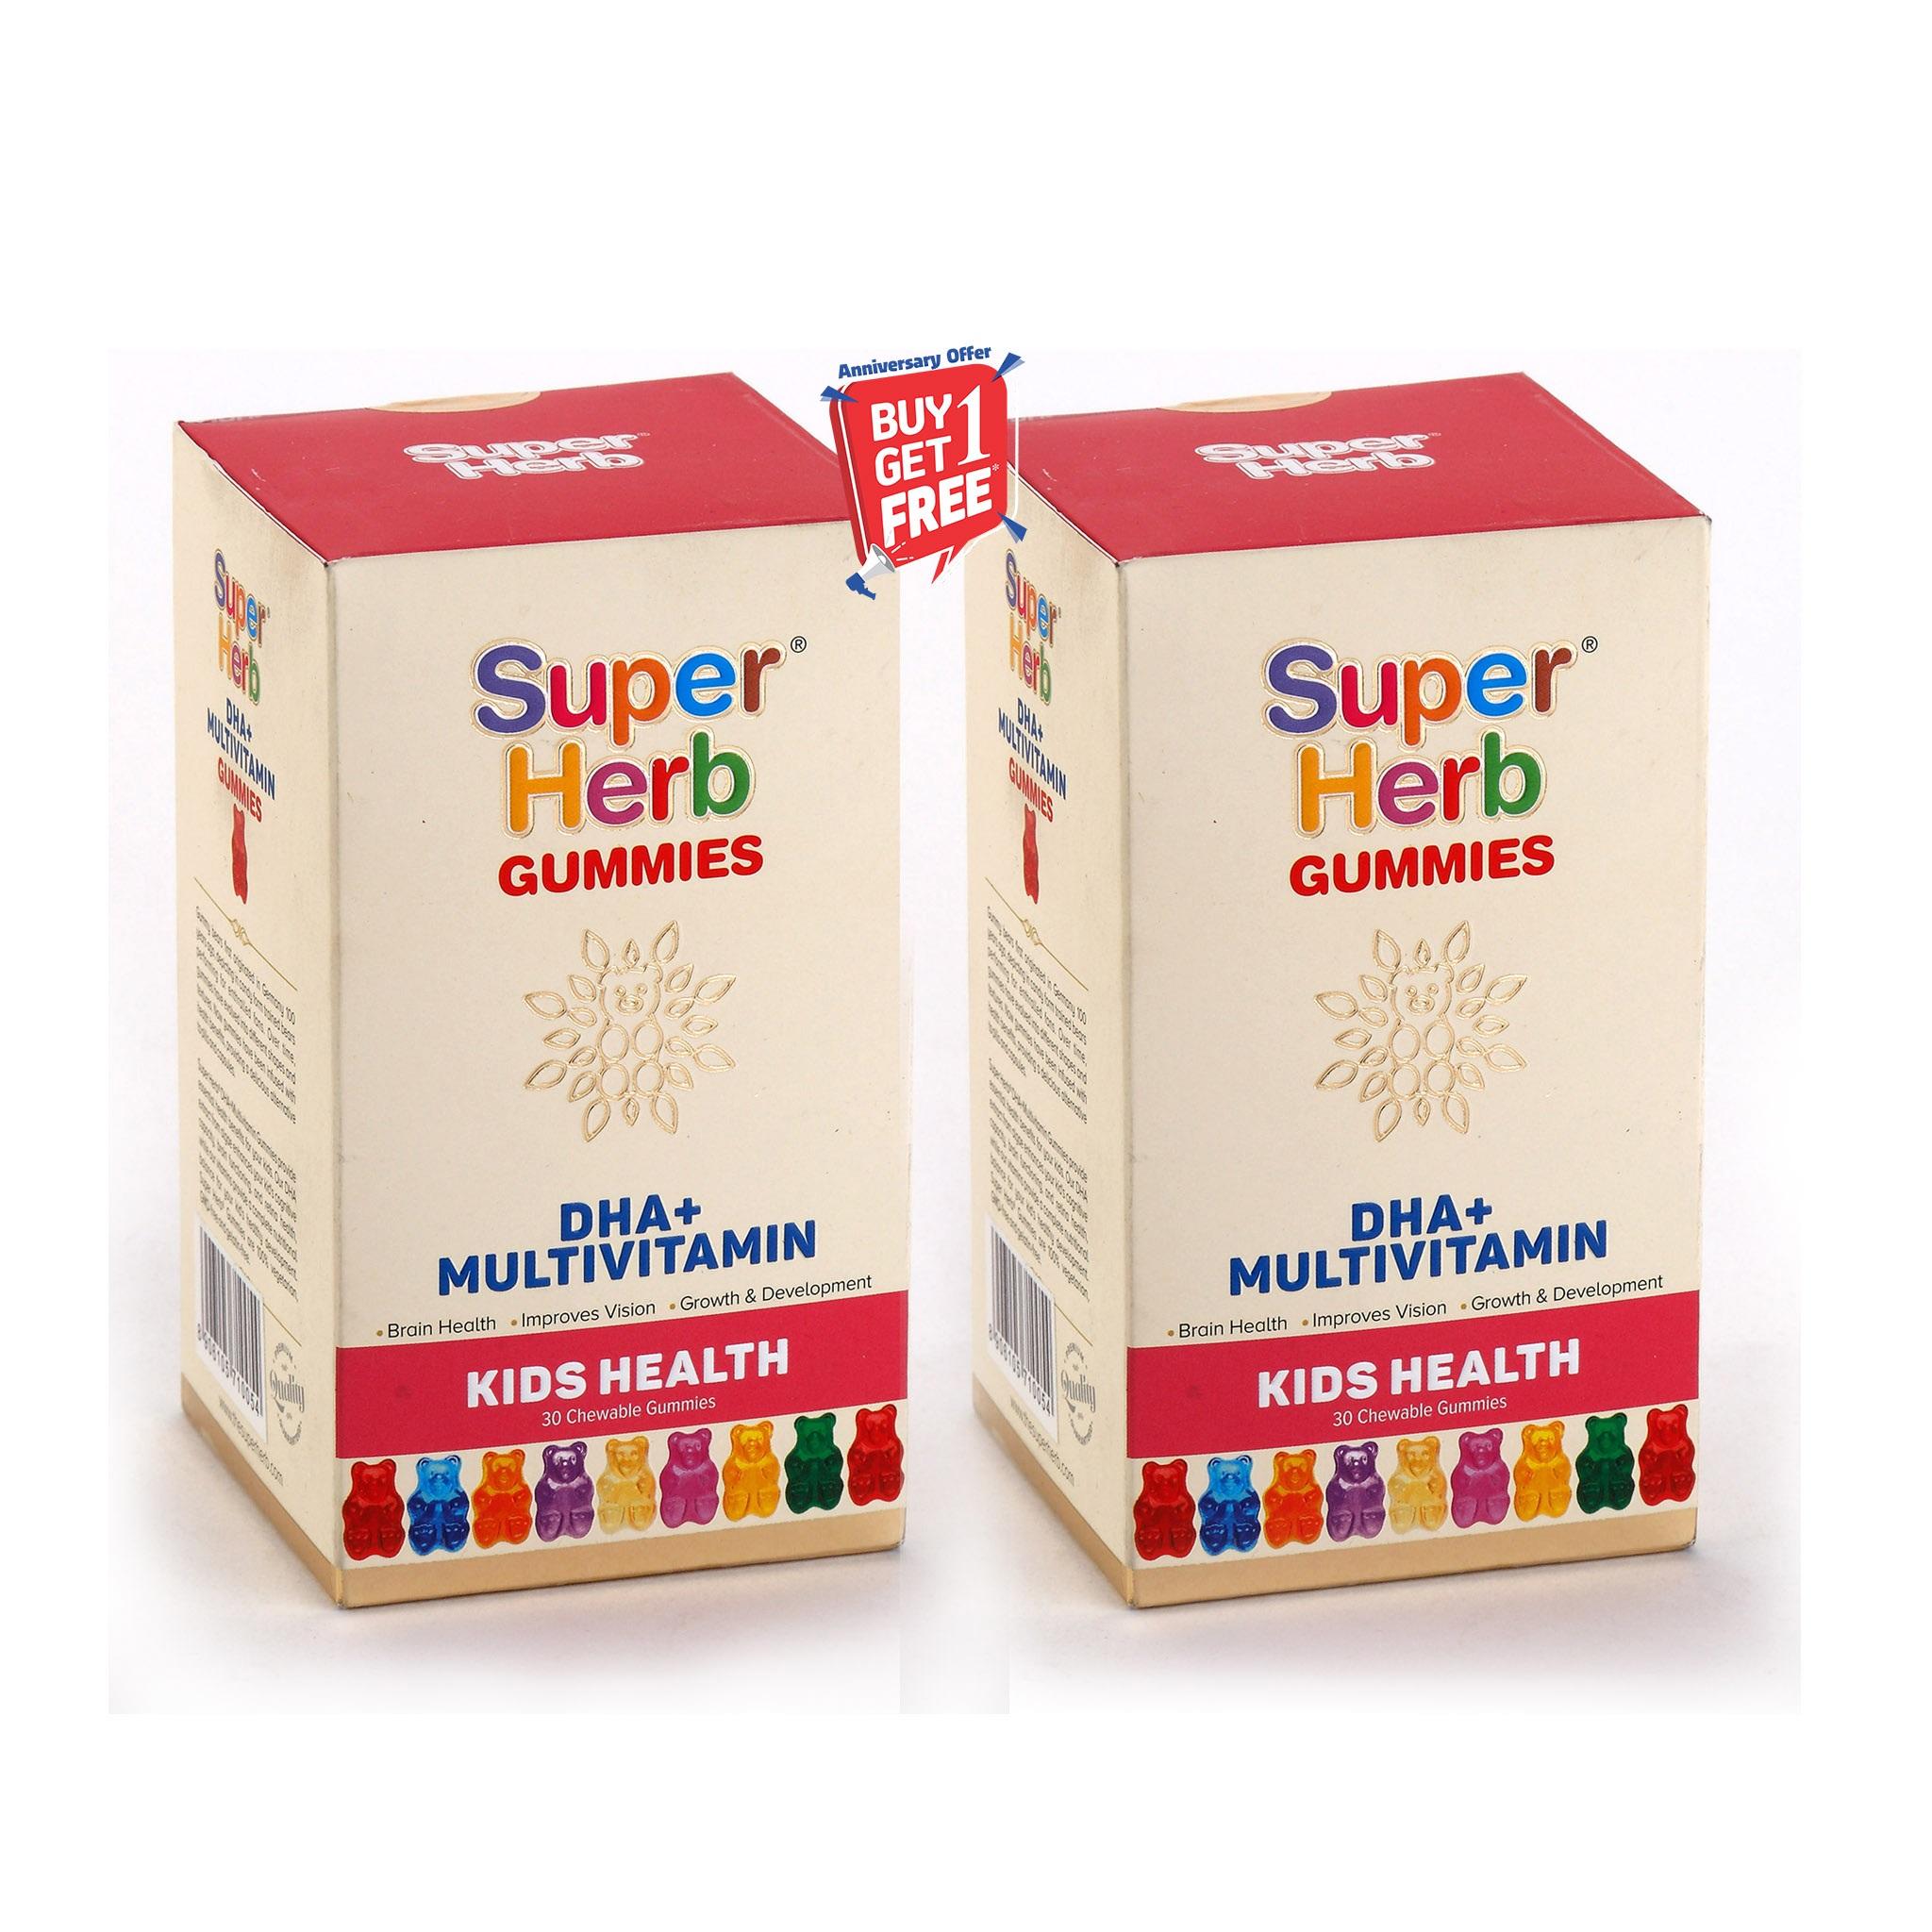 Super Herb Multi Vitamin Gummies - 30 Chewable Gummies   Buy 1 Get 1 Free